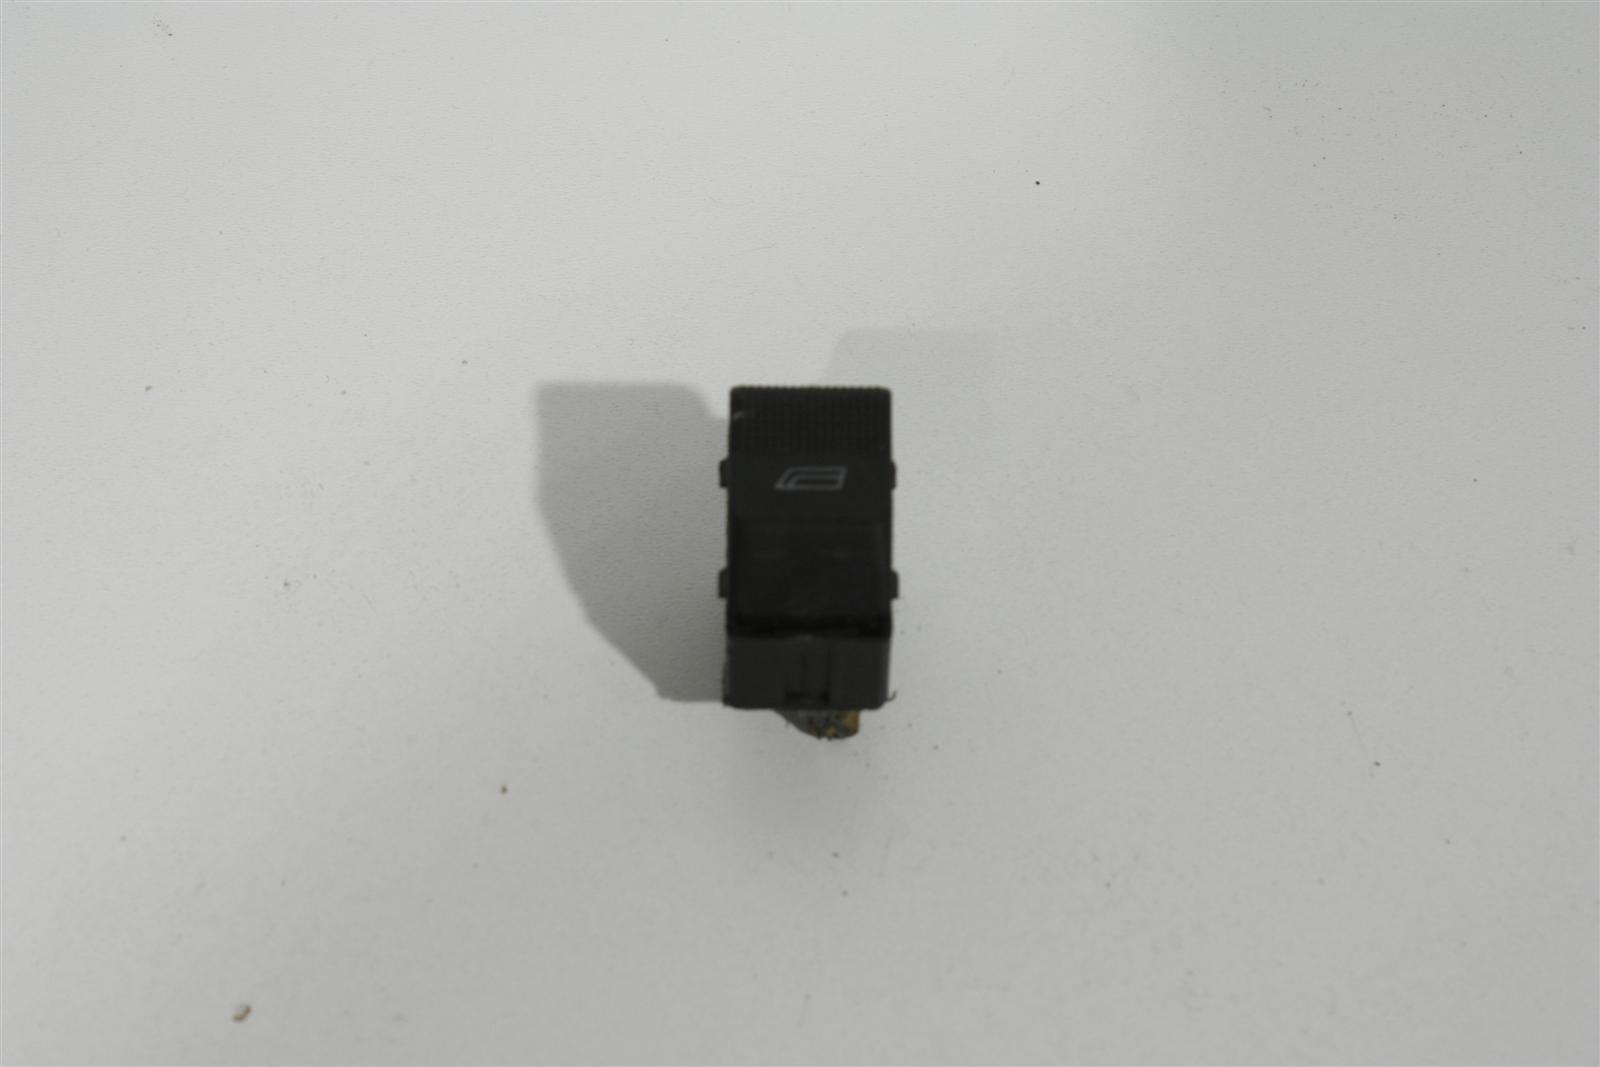 Audi A4 B5/A8 D2 Schalter elektrische Fensterheber 4D0959855